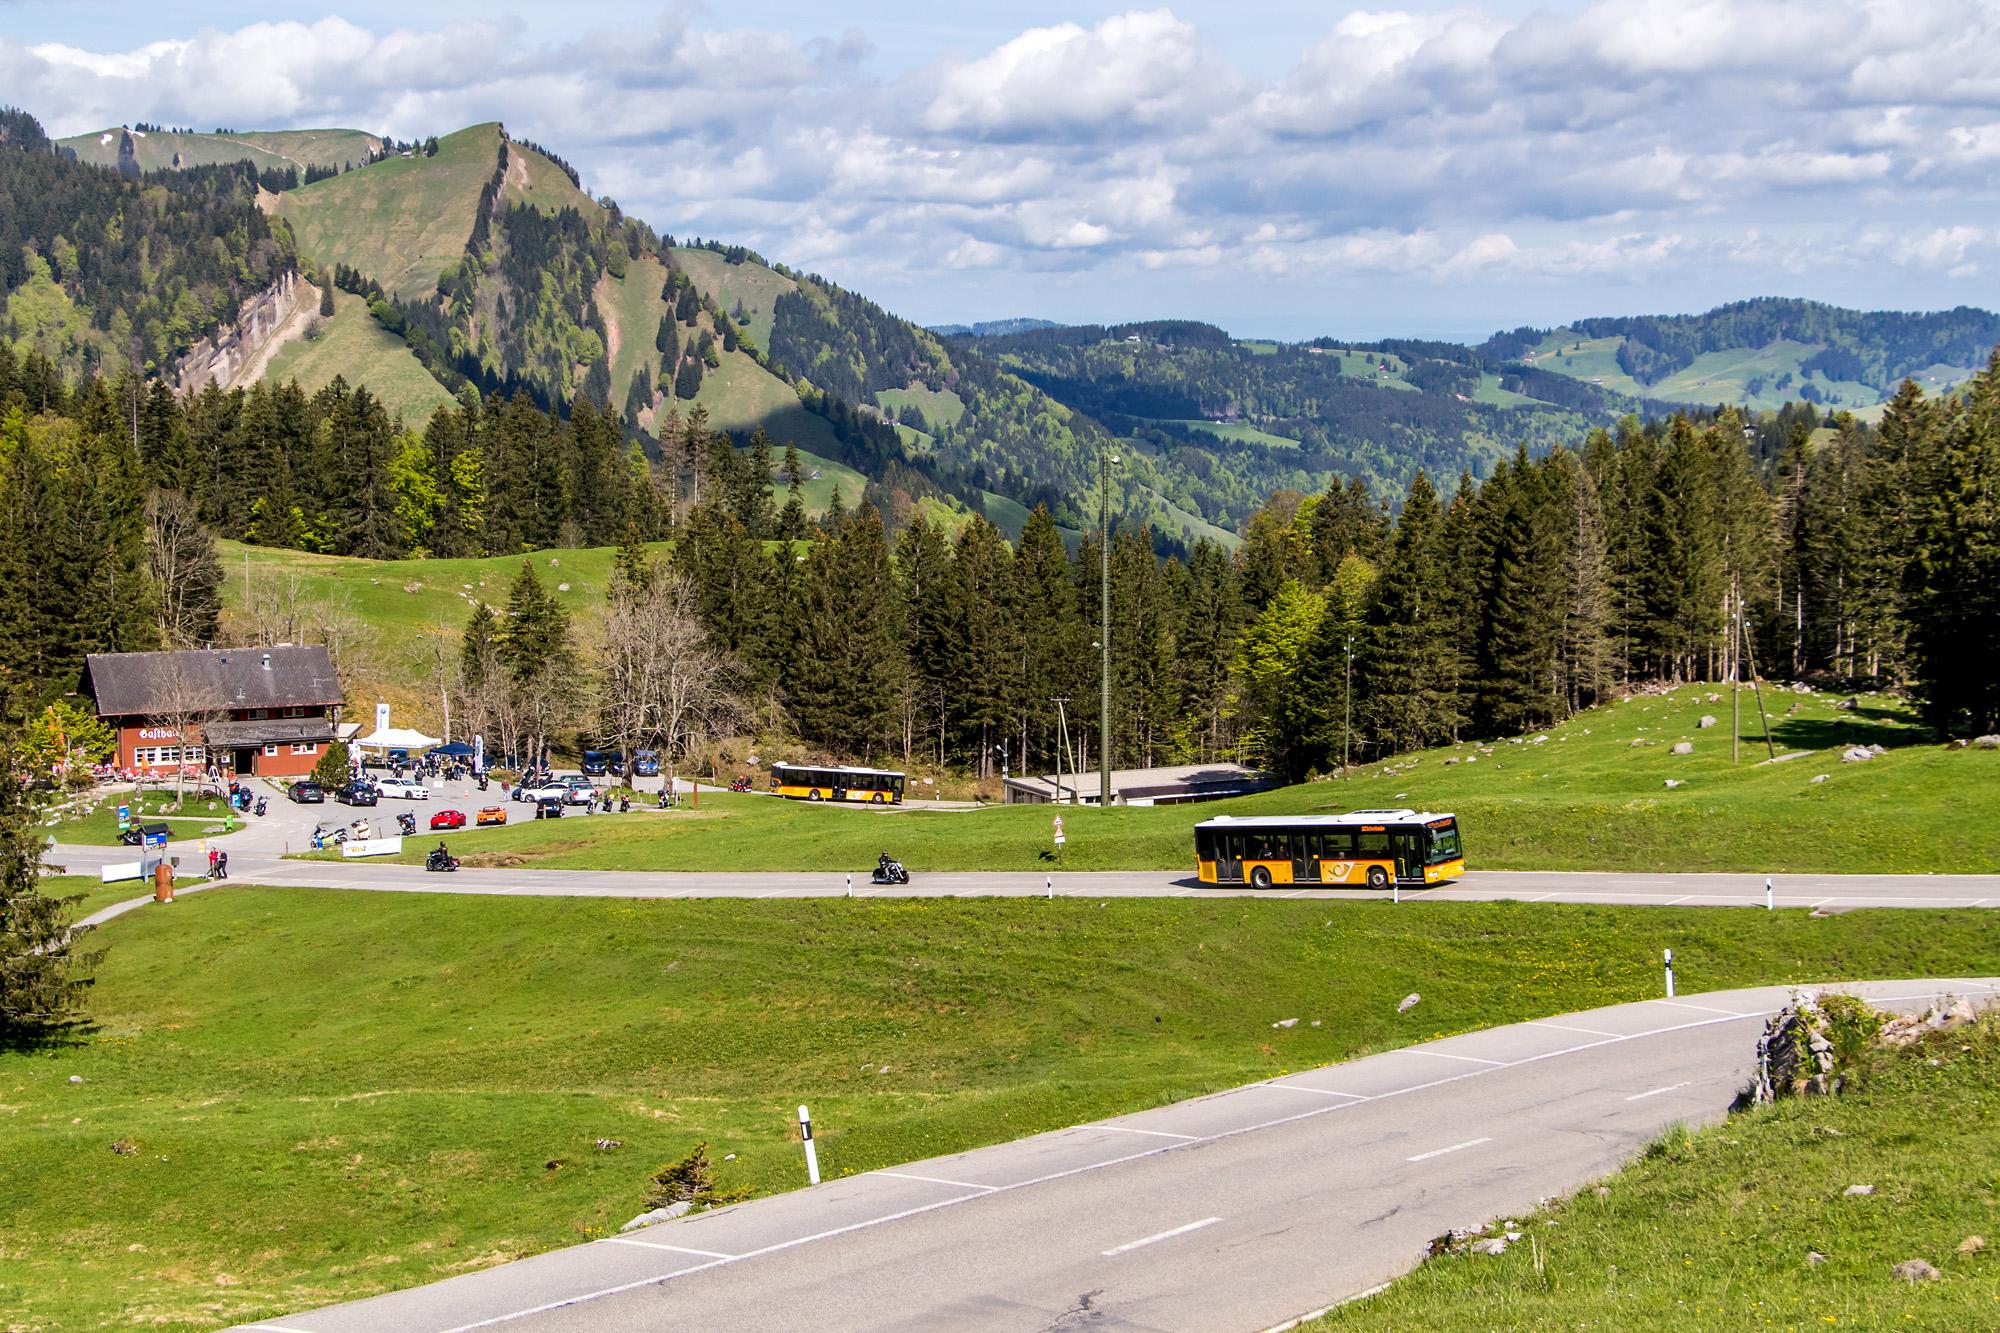 Blick von der Schwägalp in Richtung Appenzellerland - aufgrund einer Verspätung treffen sich ausnahmsweise die Postautos der beiden Seiten, eigentlich sind sie nicht aufeinander abgestimmt (leider).